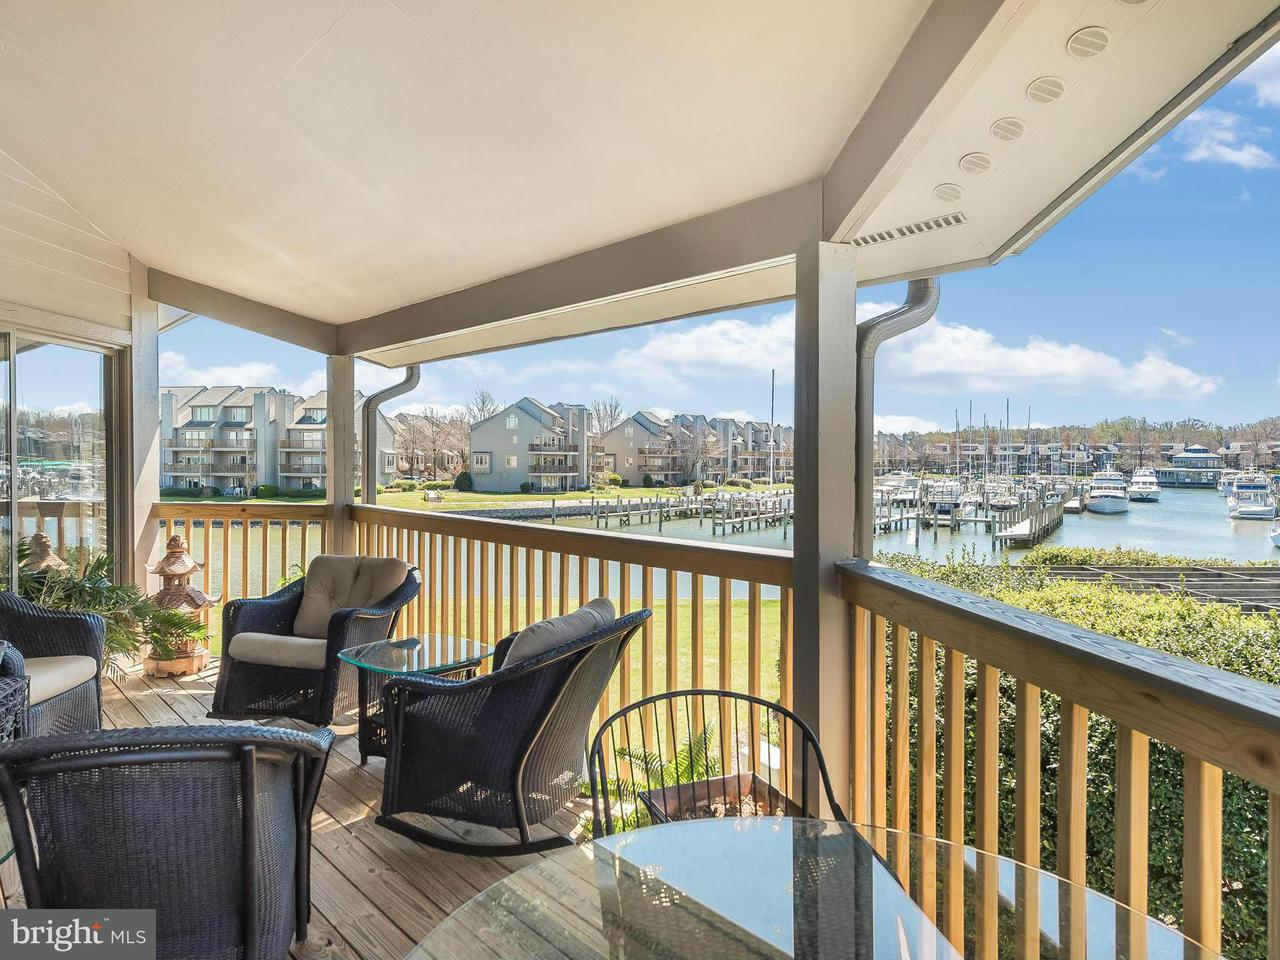 Кондоминиум для того Продажа на 2125 Quay Village Ct #L 2125 Quay Village Ct #L Annapolis, Мэриленд 21403 Соединенные Штаты